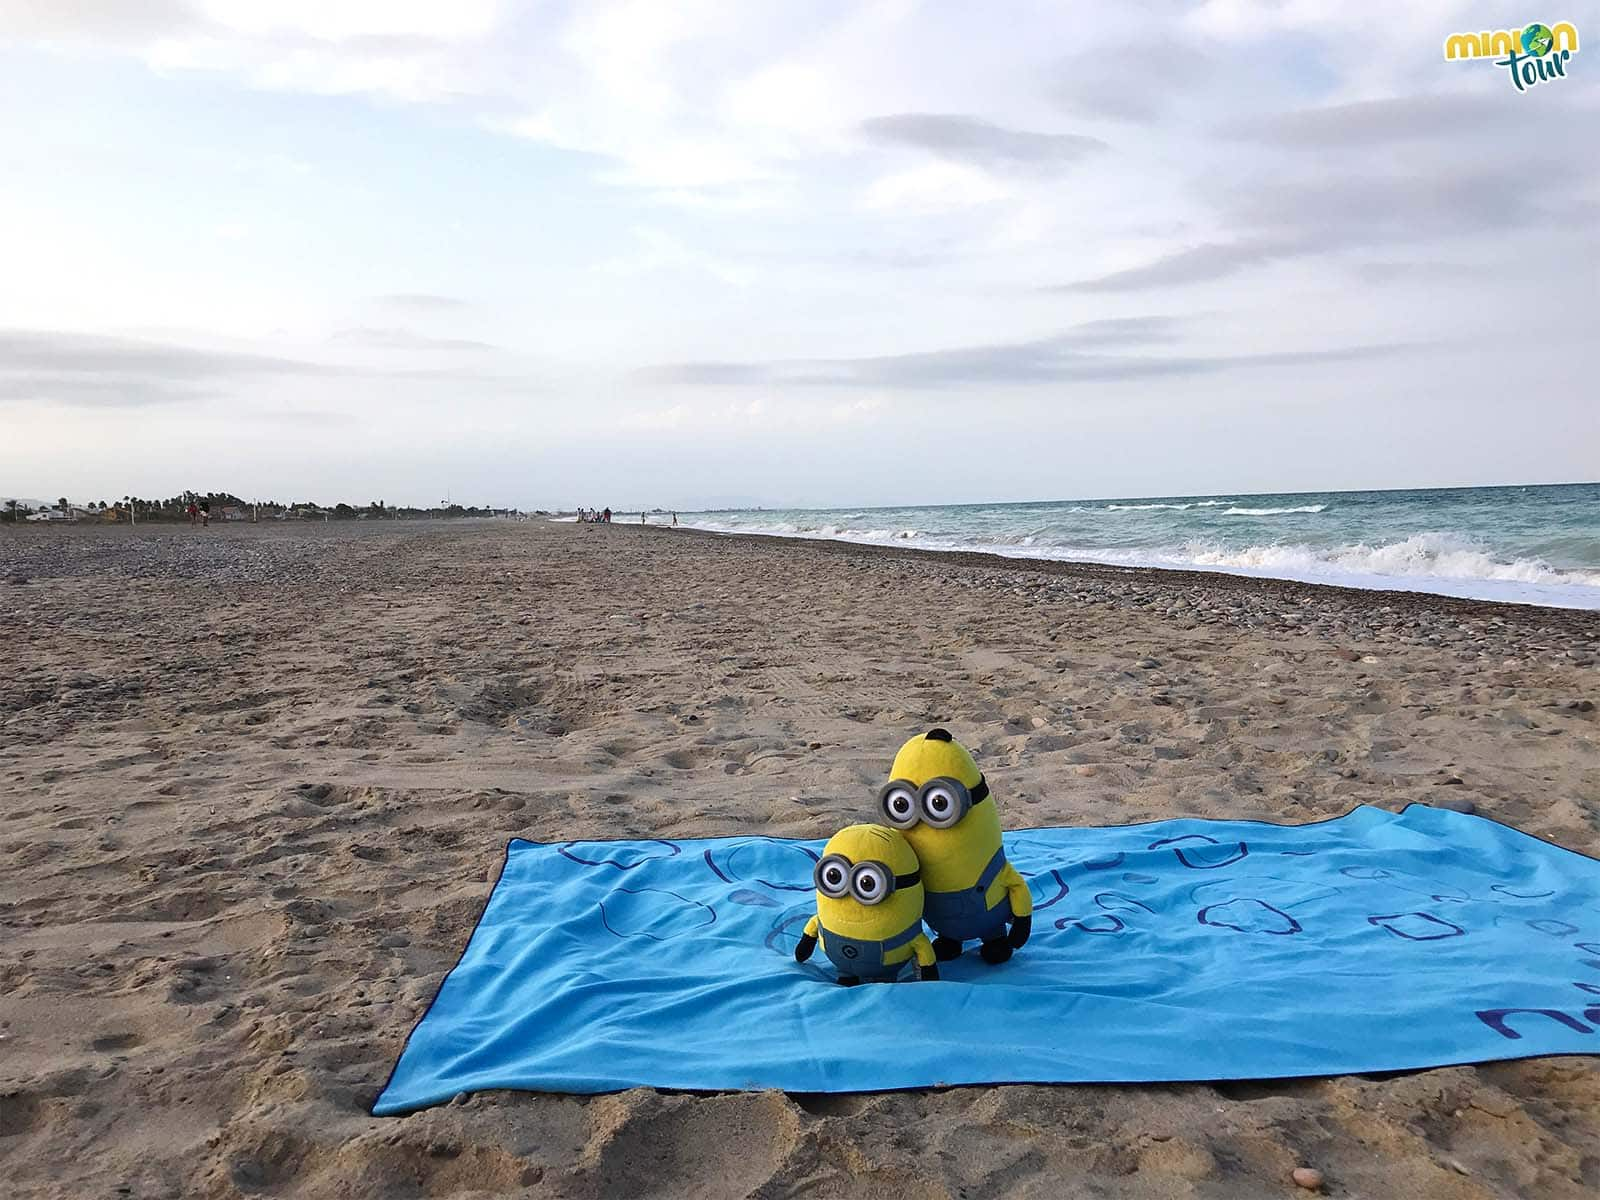 Te descubrimos nuestra playa secreta a un paso de Canet de Berenguer